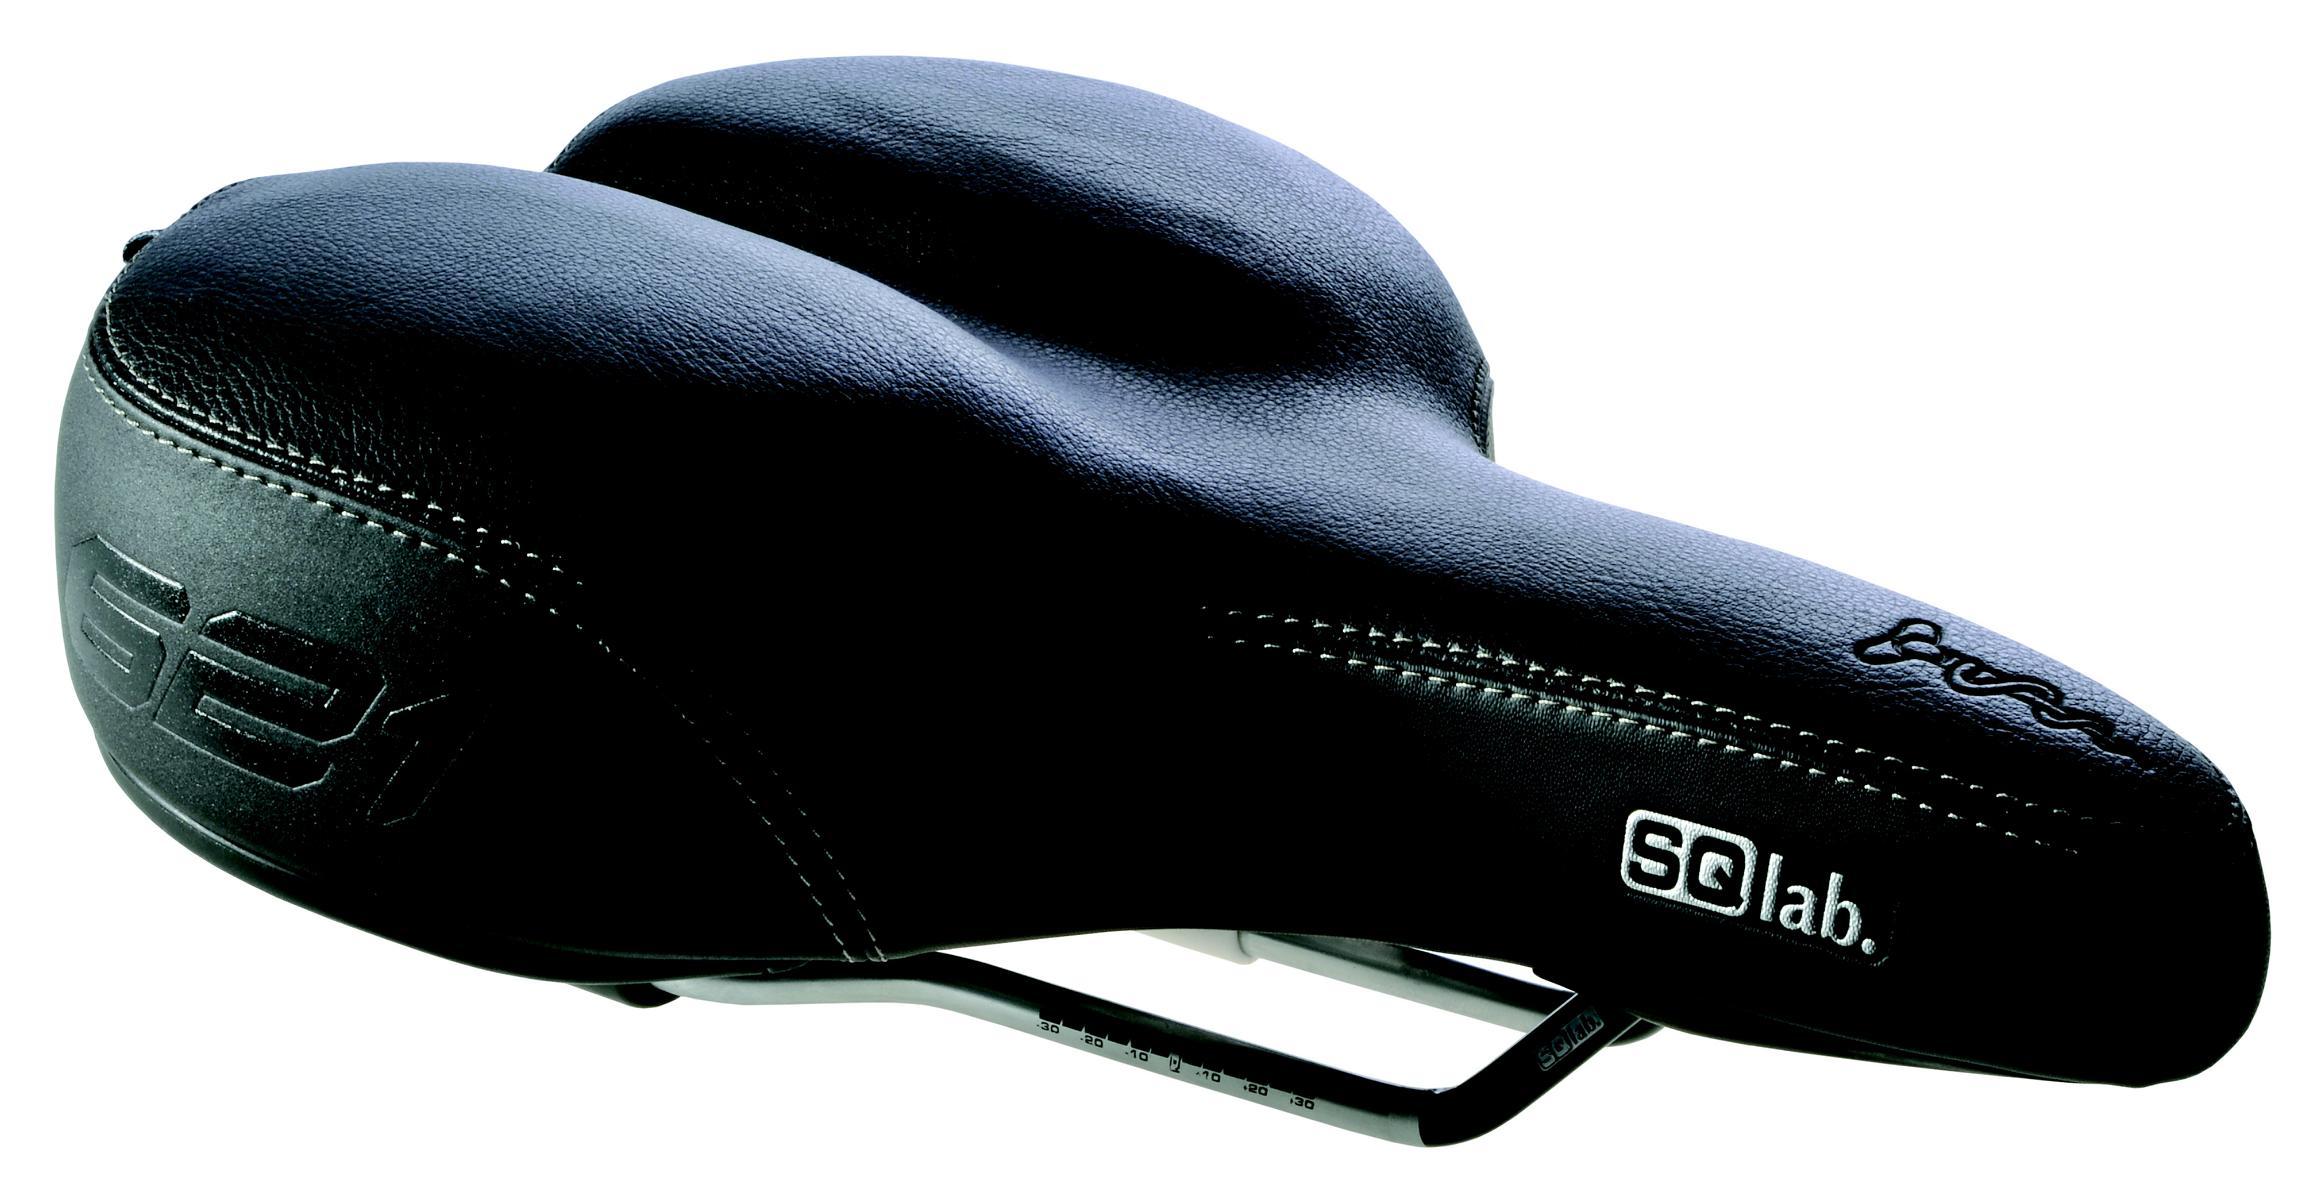 SQlab Sattel 621 Active Komfort